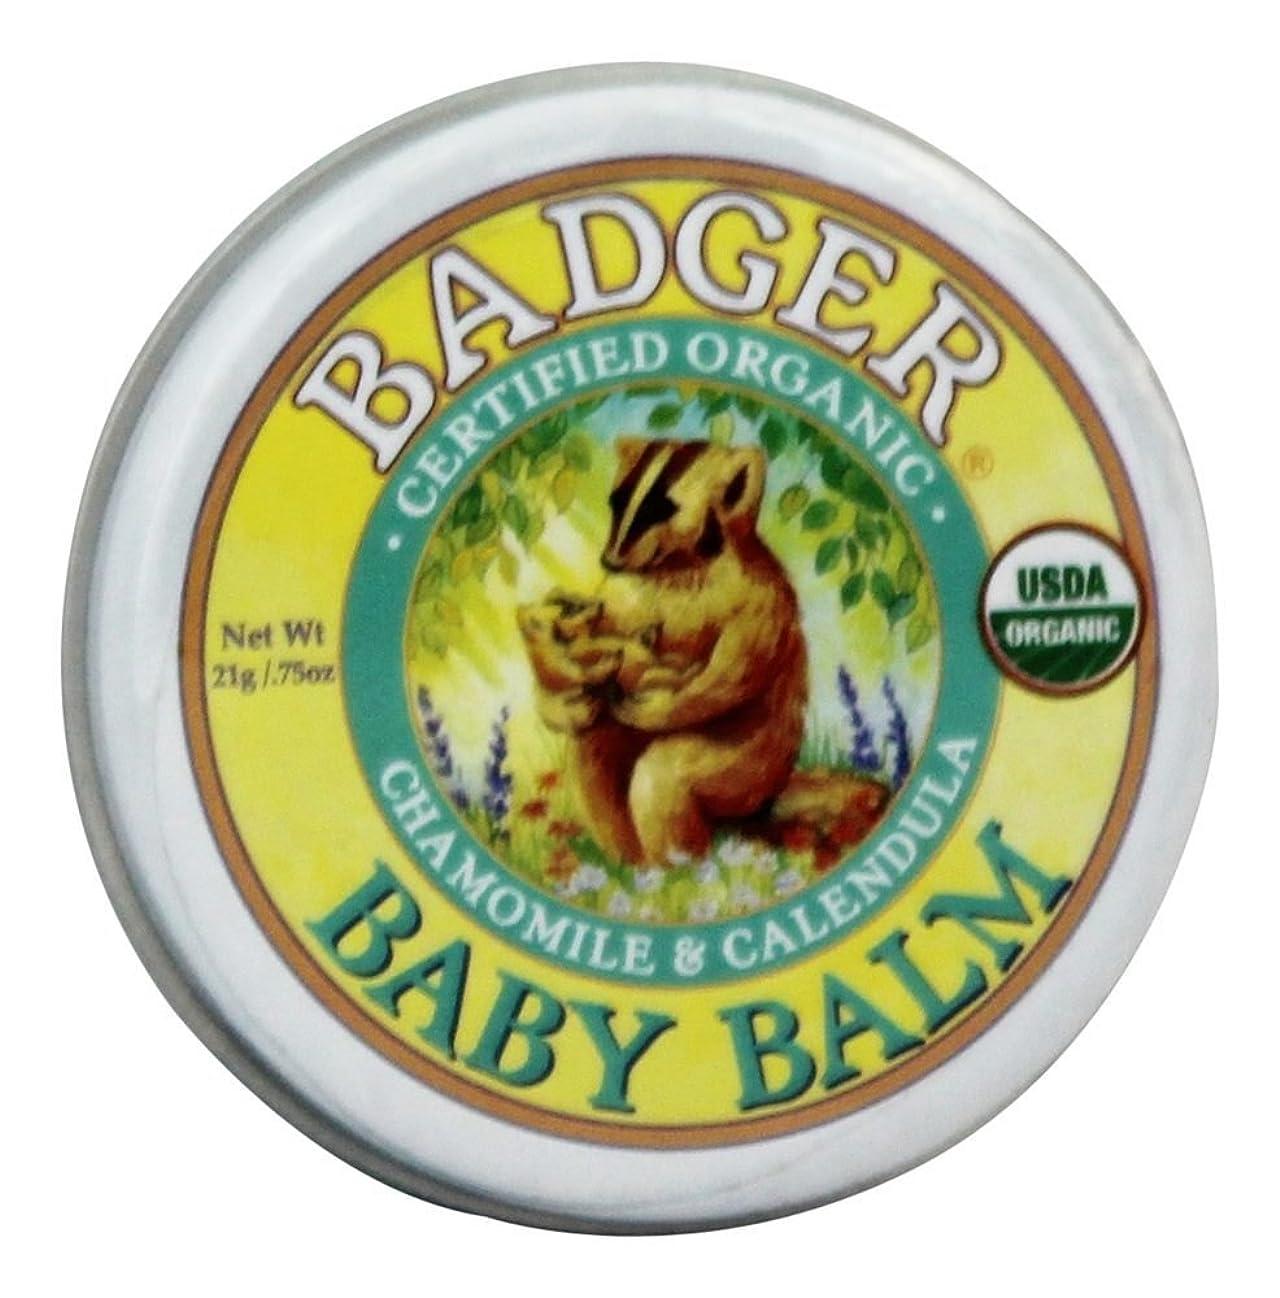 底チーム残るBadger - 赤ん坊の香油のChamomile及びCalendula - 0.75ポンド [並行輸入品]